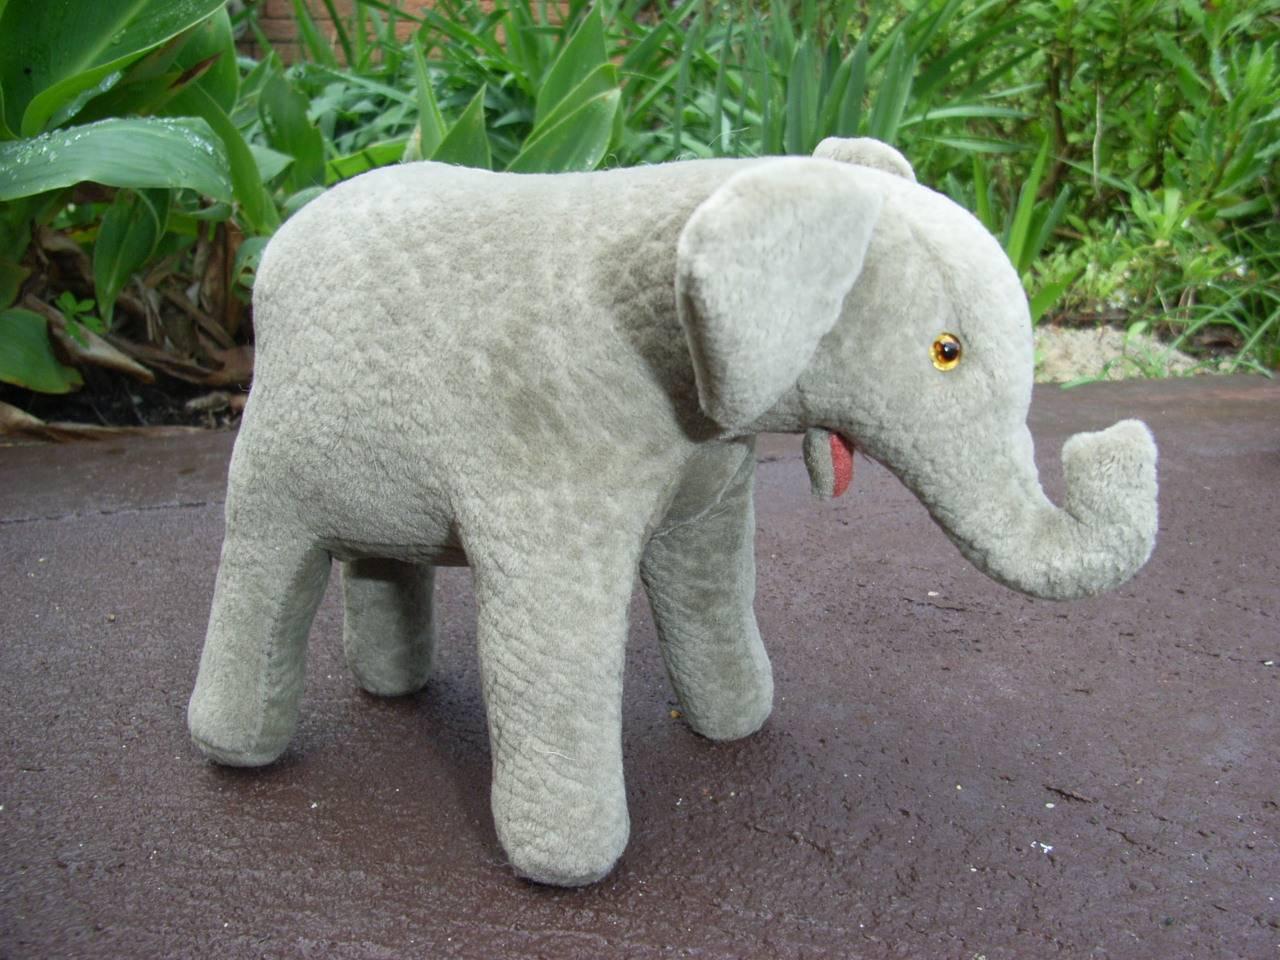 Ely a baby elephant